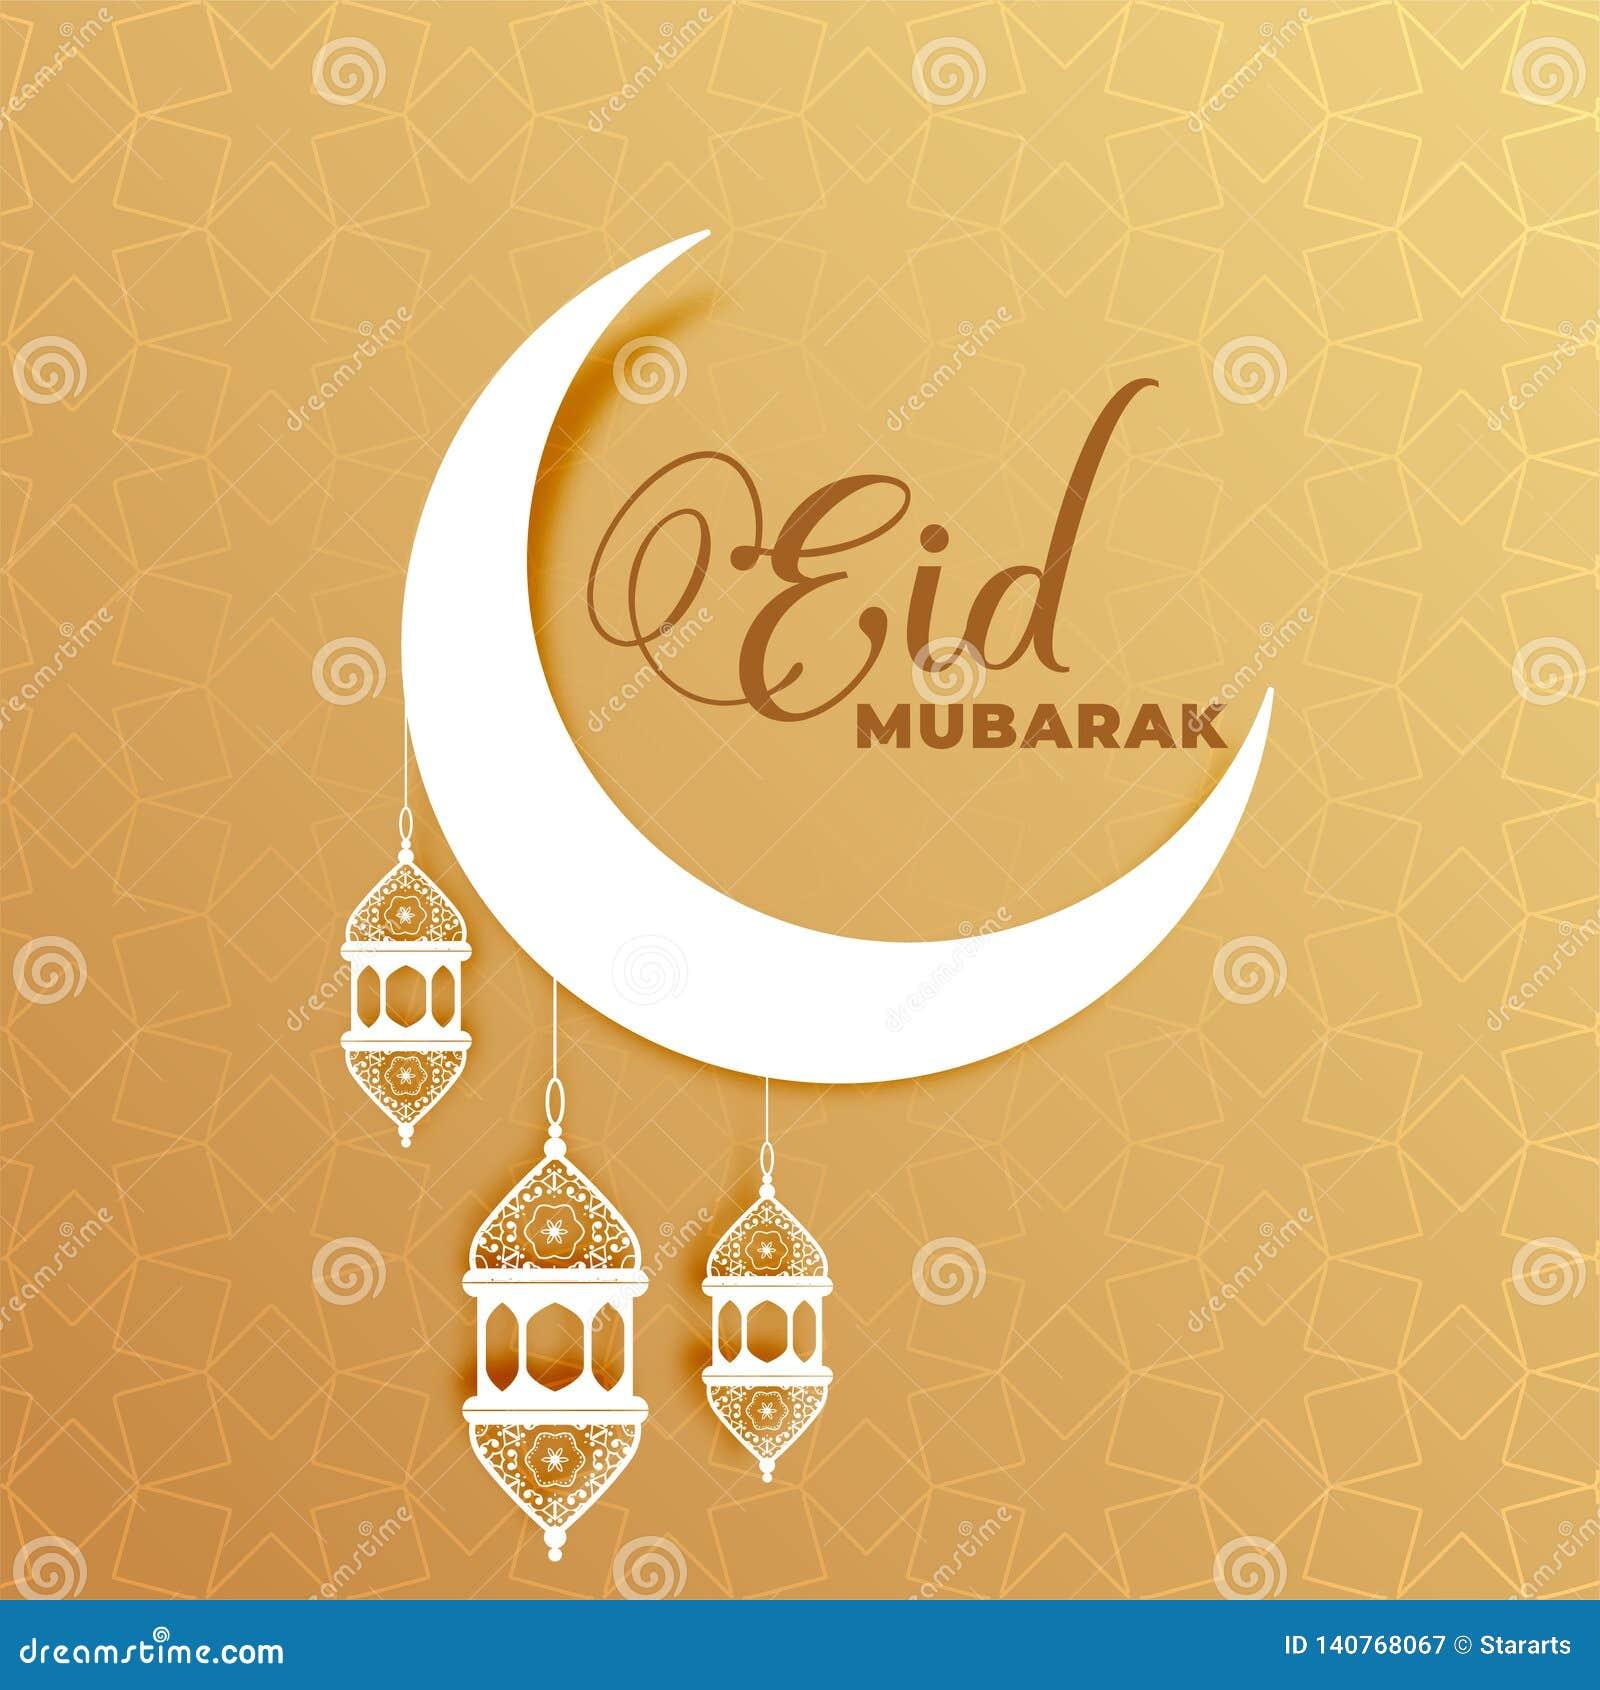 Attraktiv eidmubarak måne och lampor som hälsar design